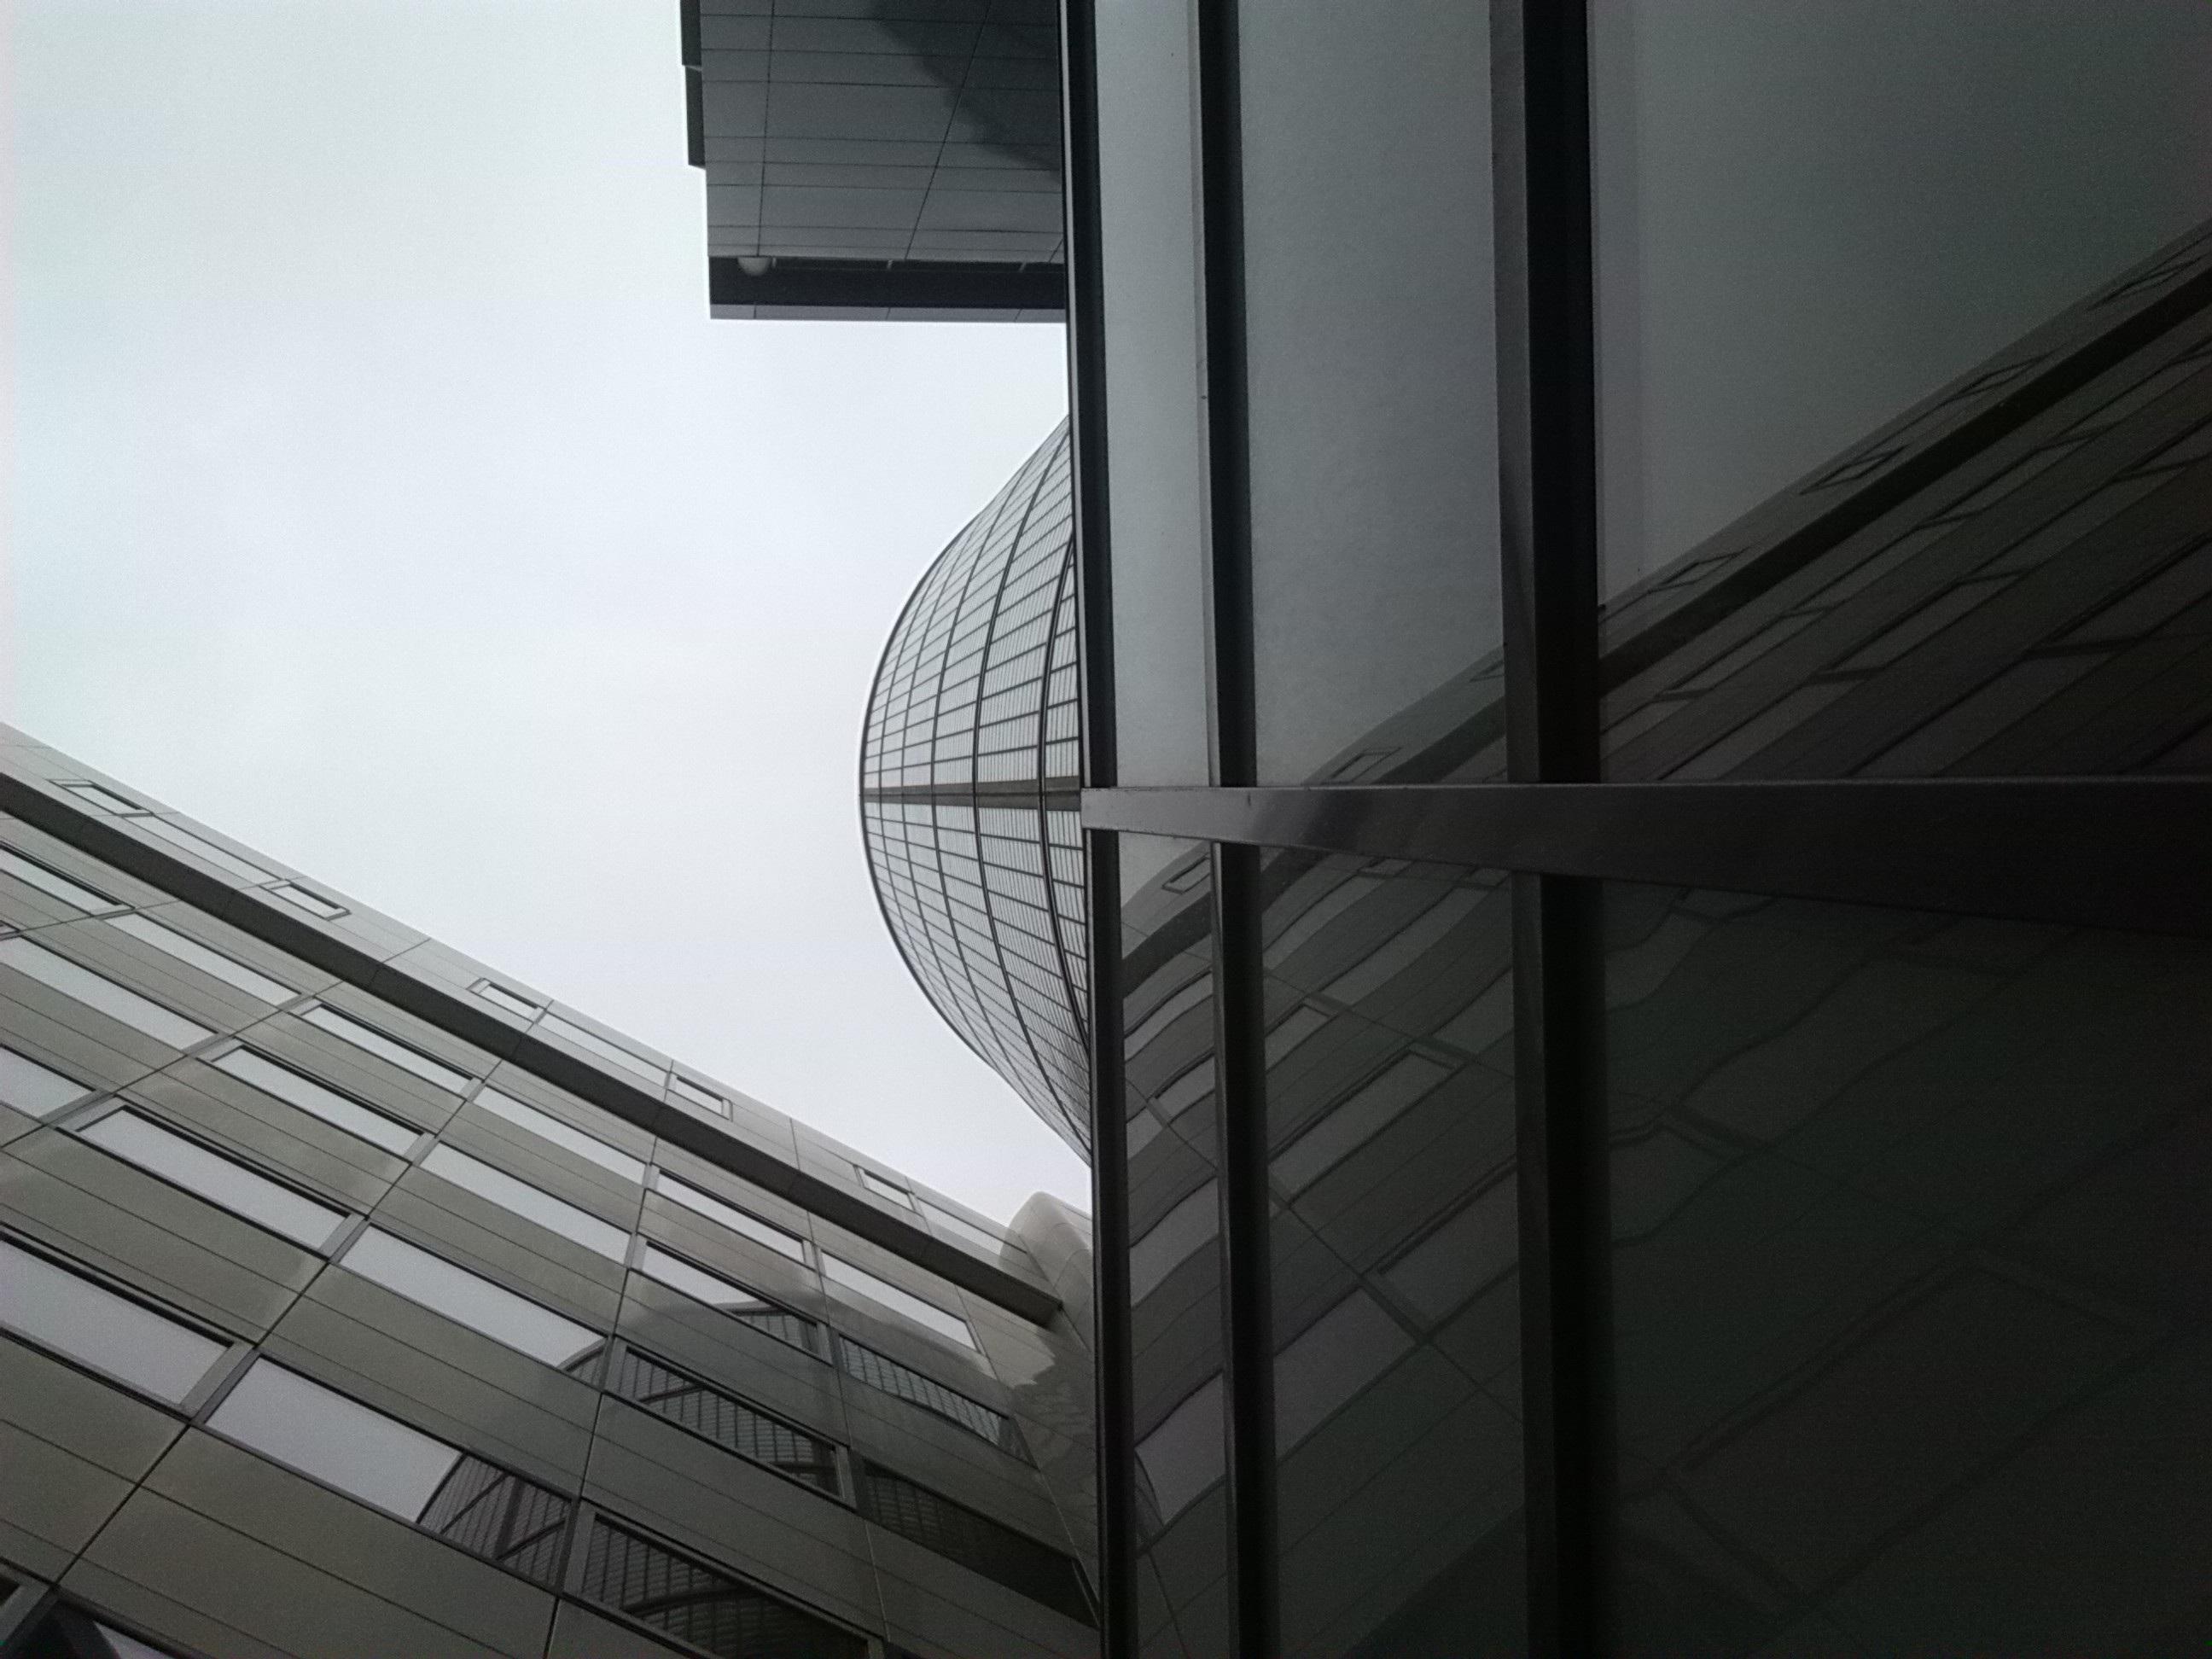 Innenarchitektur Niederlande kostenlose foto licht die architektur struktur weiß skyline fenster gebäude stadt